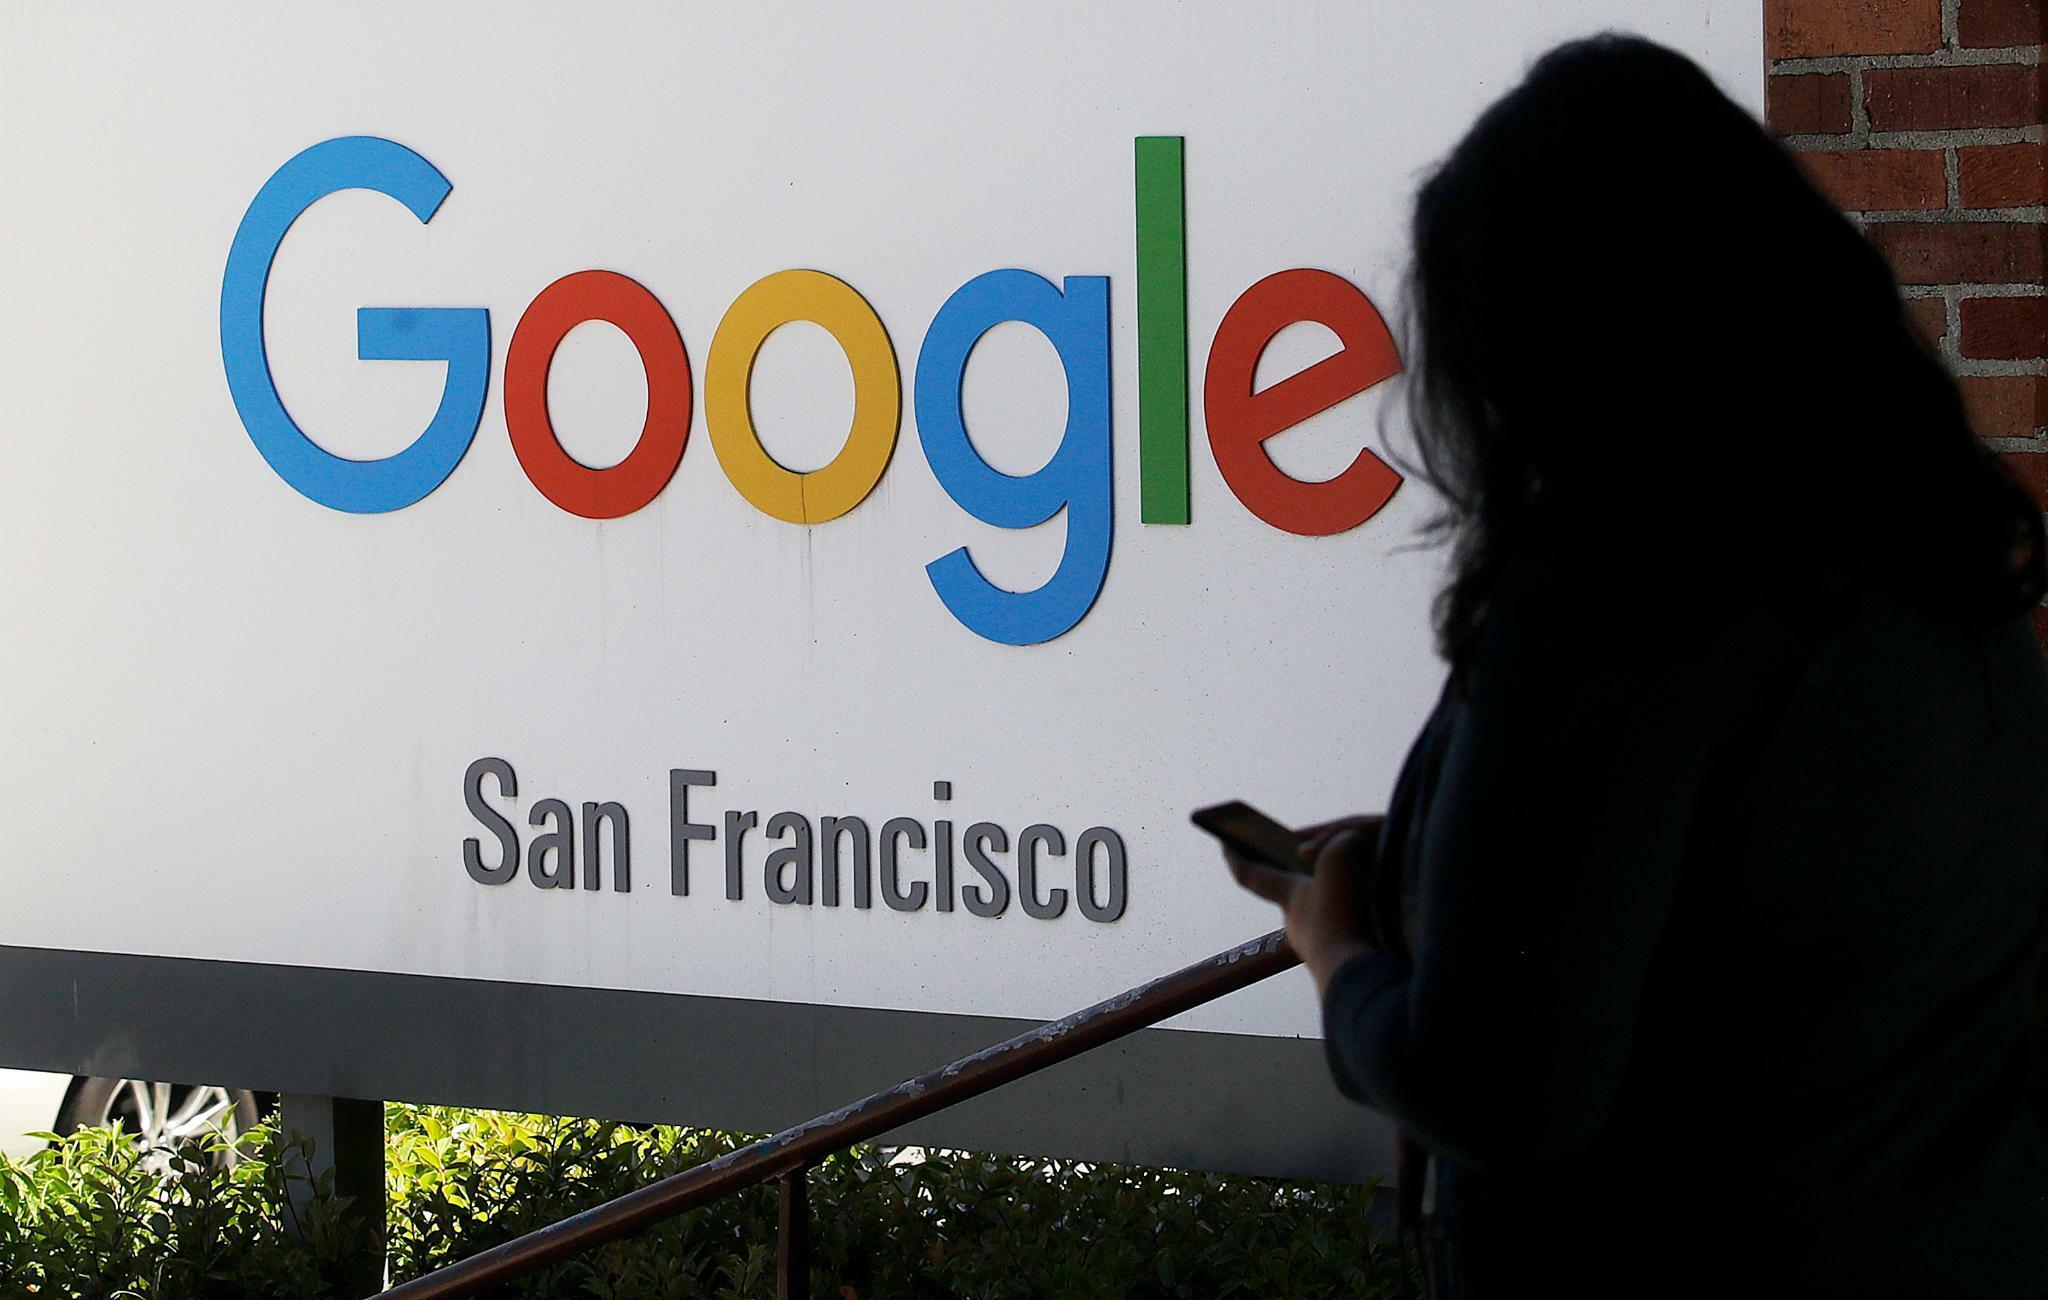 Google legt strengere Kommunikationsregeln für Mitarbeiter fest